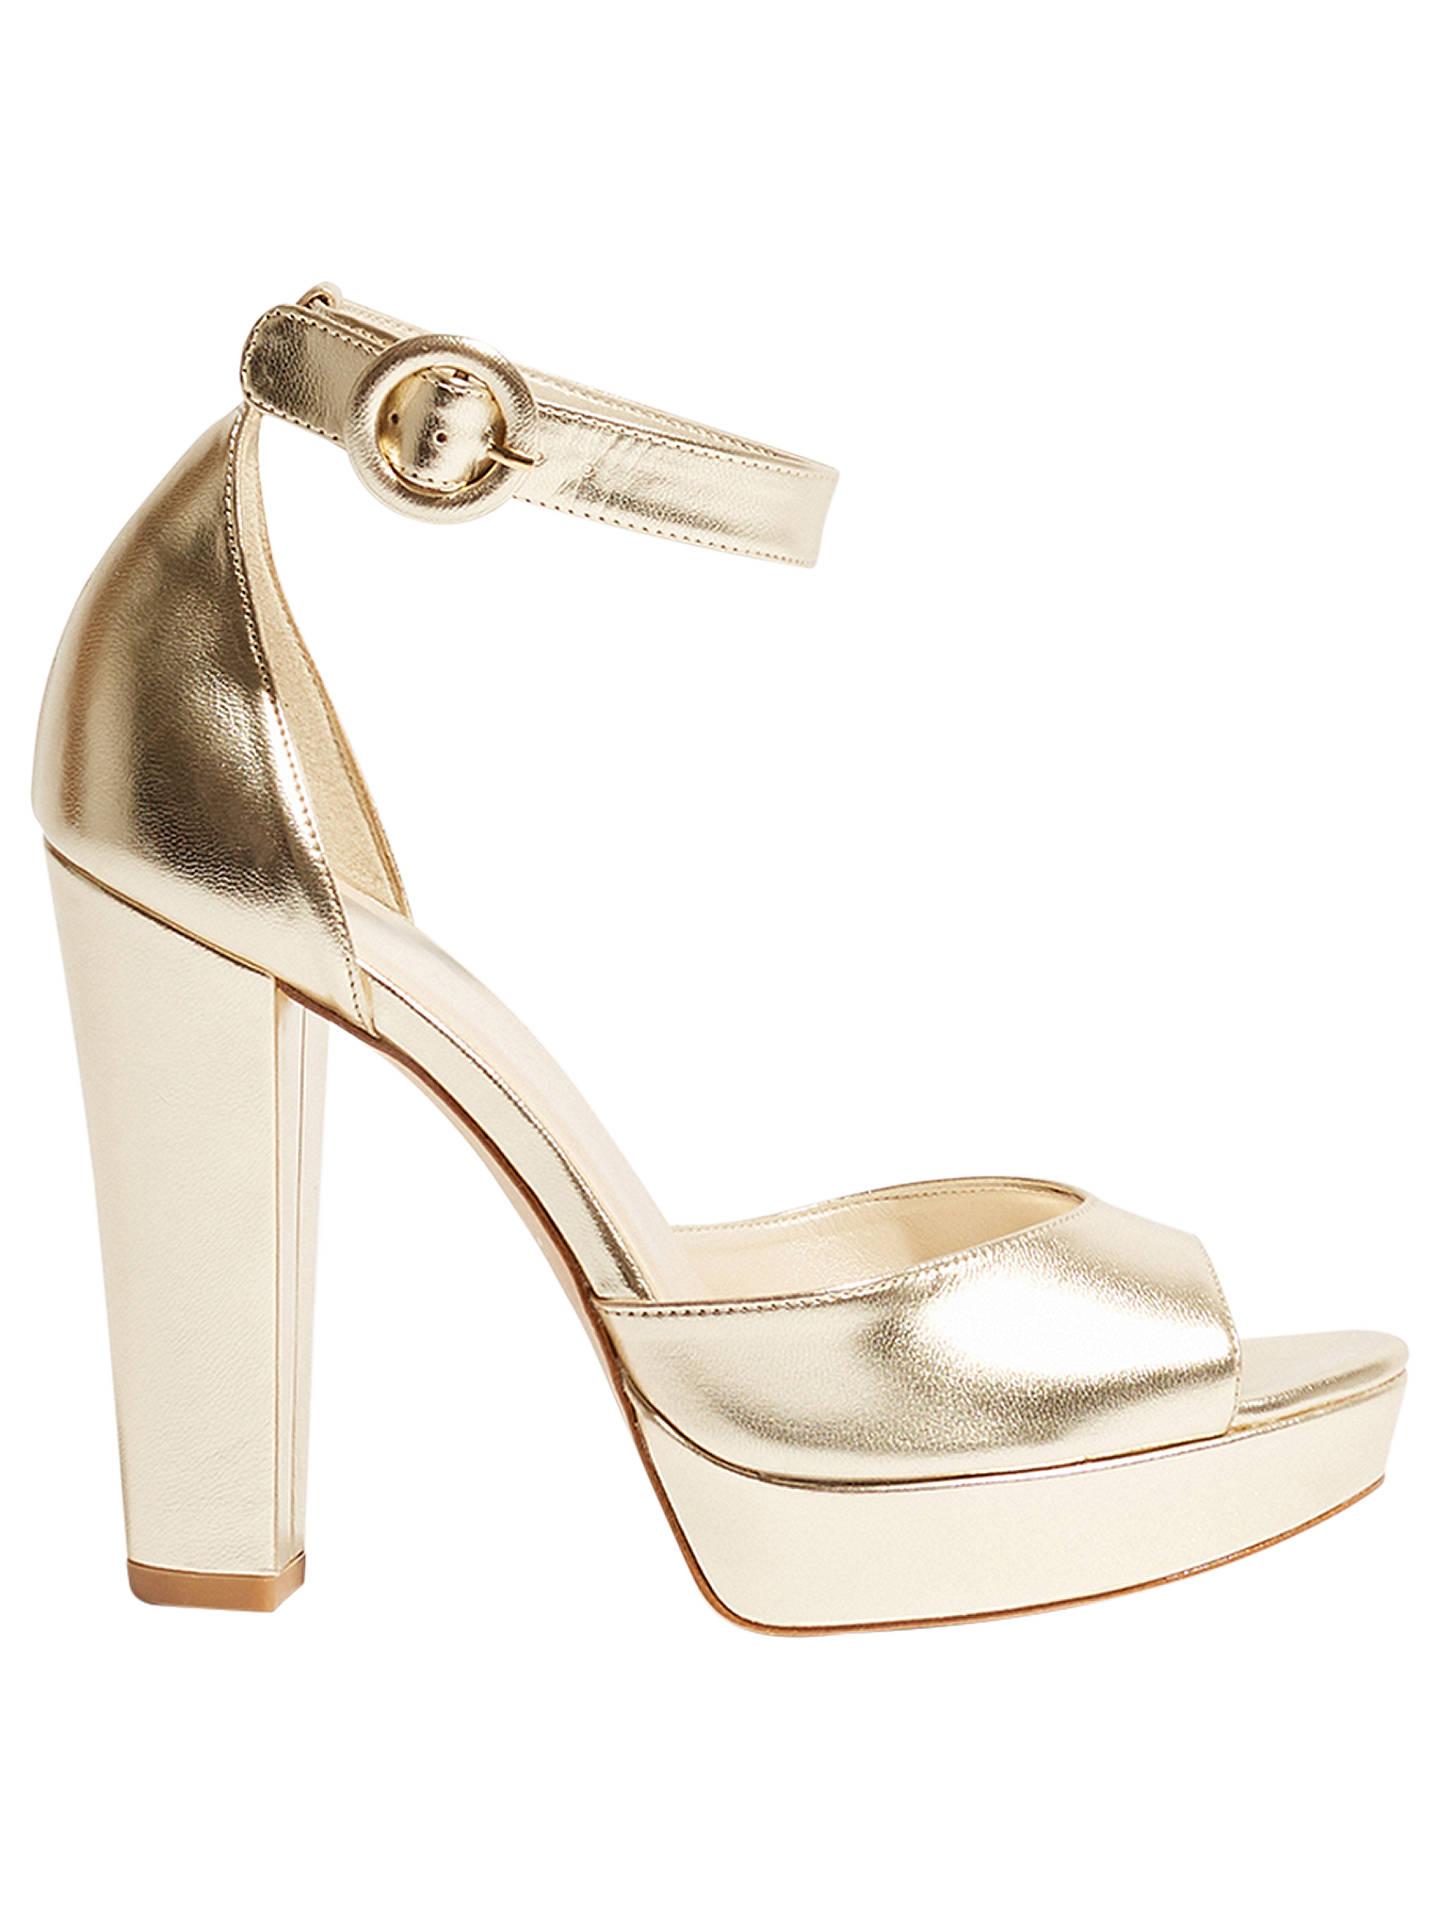 77ed26511189 Buy Karen Millen Platform Block Heel Sandals